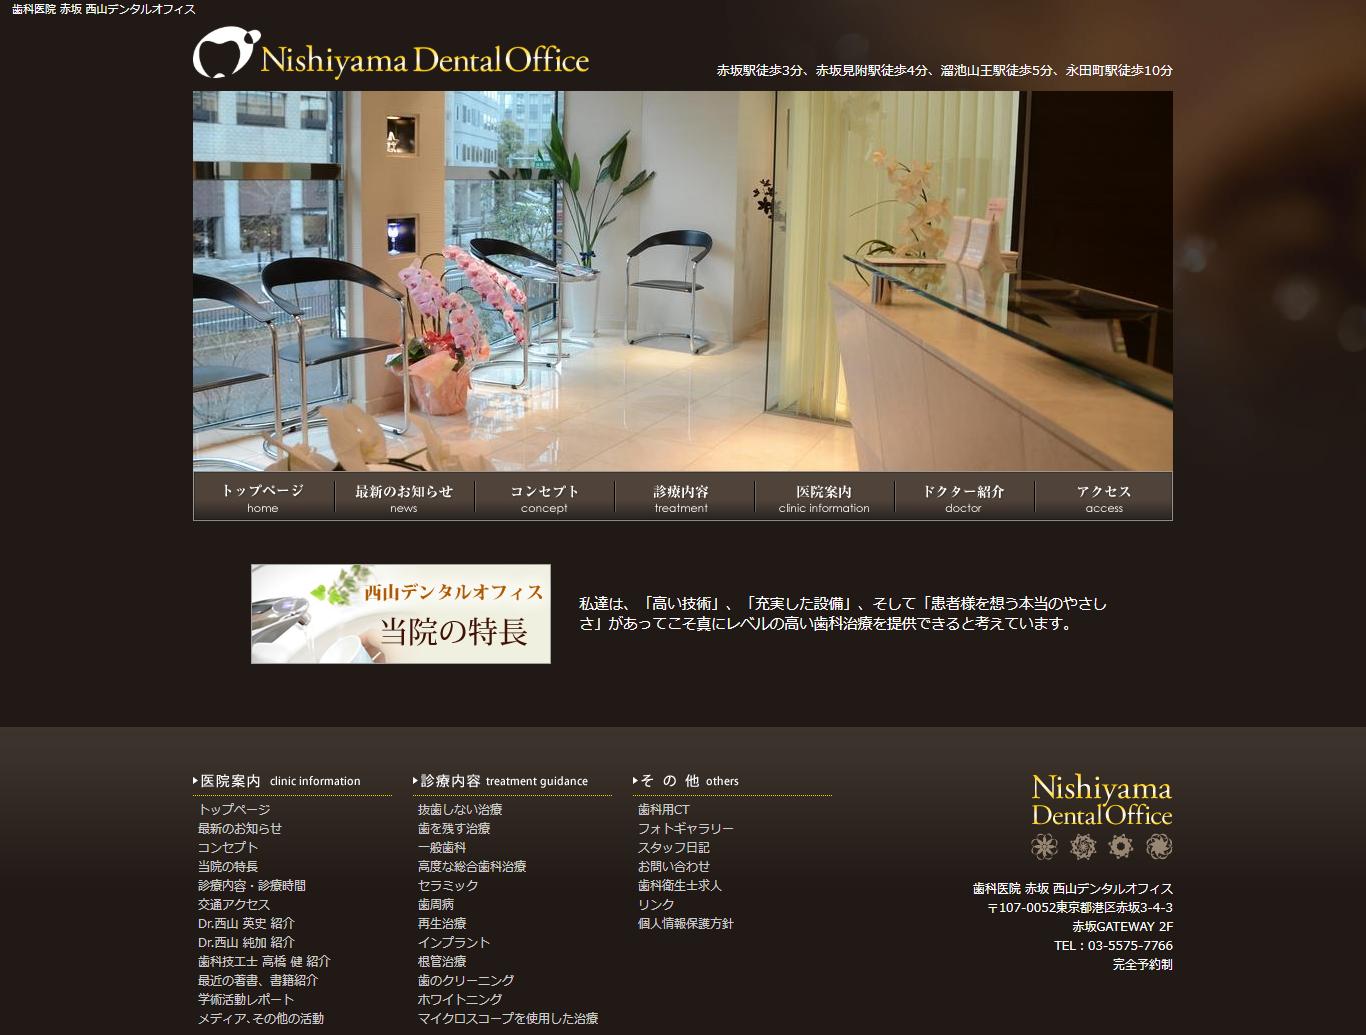 赤坂 西山歯科医院の根管治療